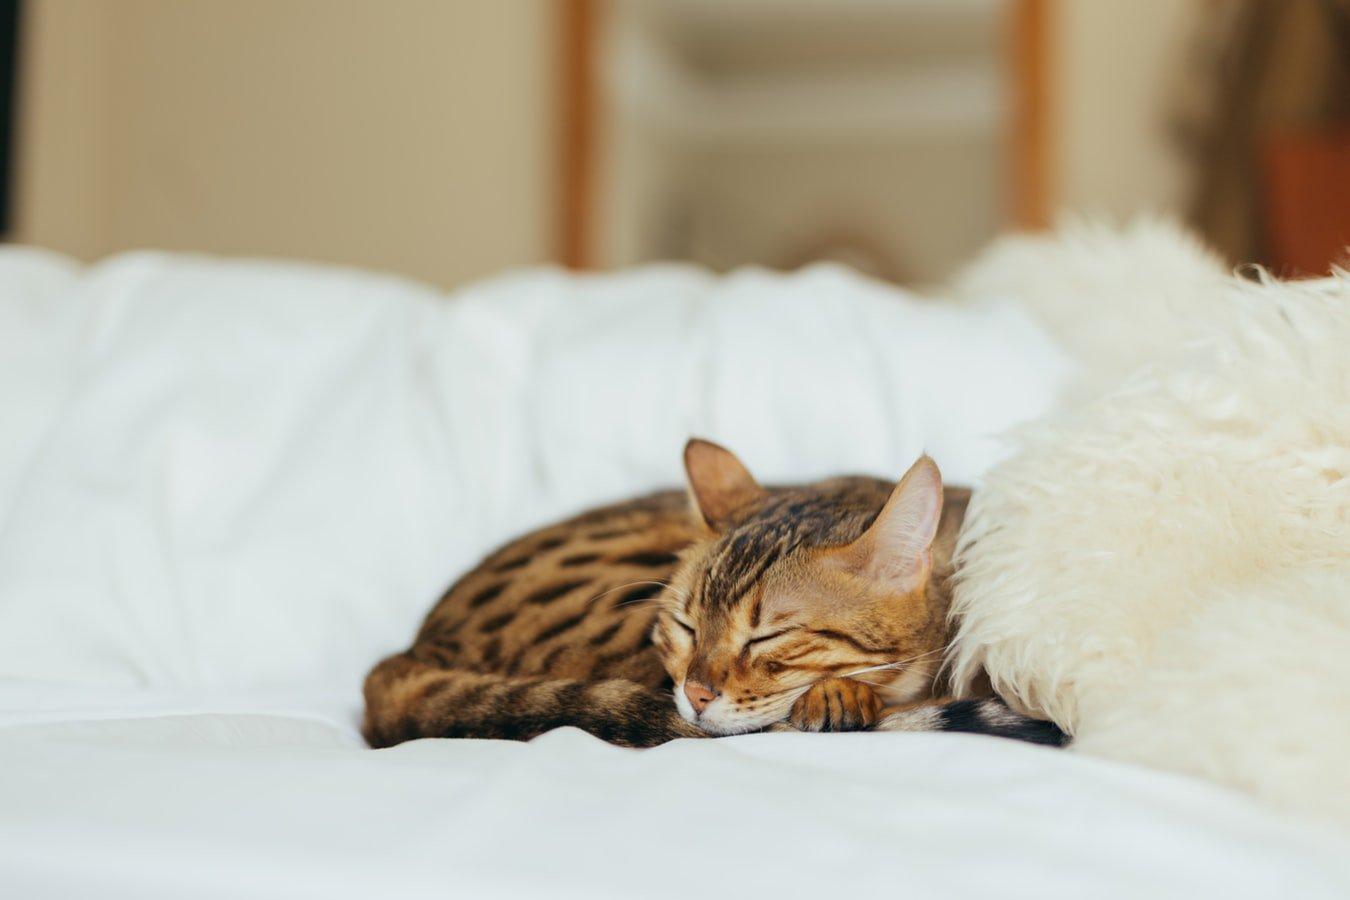 A cat asleep on the couch. One common sleep issues for seniors is sleep apnea